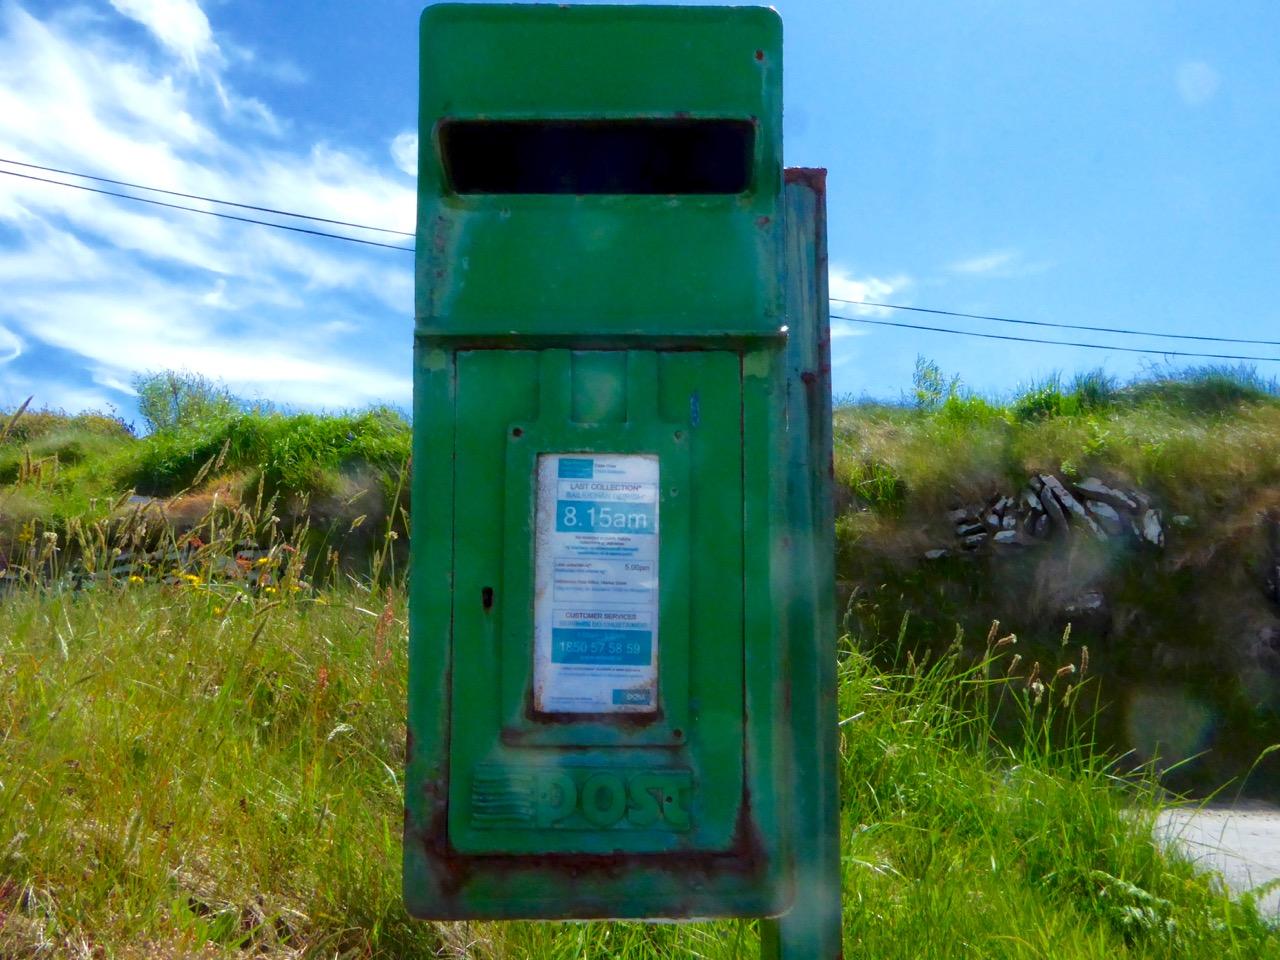 Cape Clear post box closer